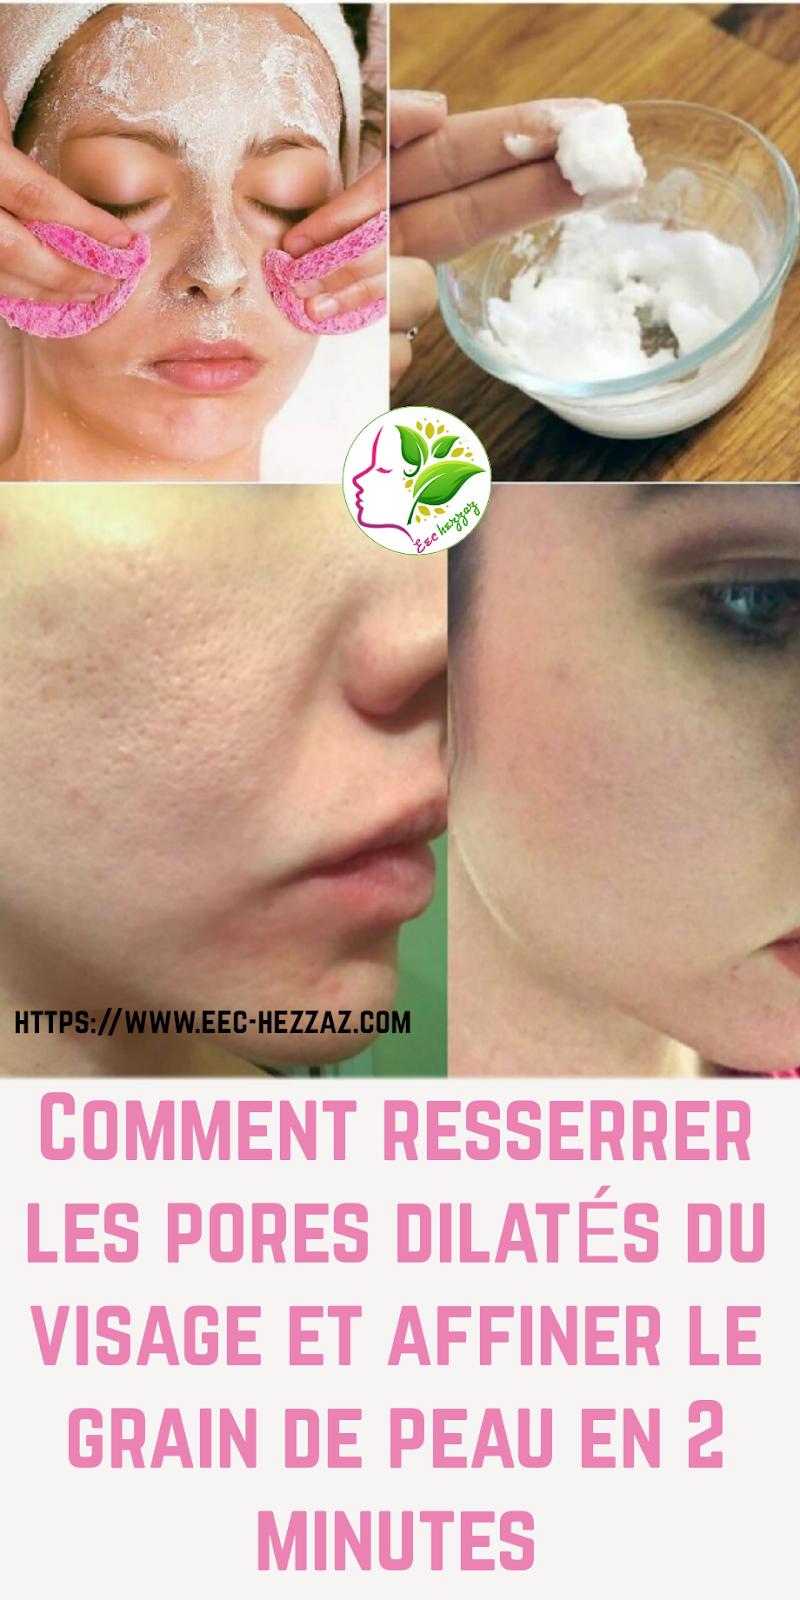 Comment resserrer les pores dilatés du visage et affiner le grain de peau en 2 minutes